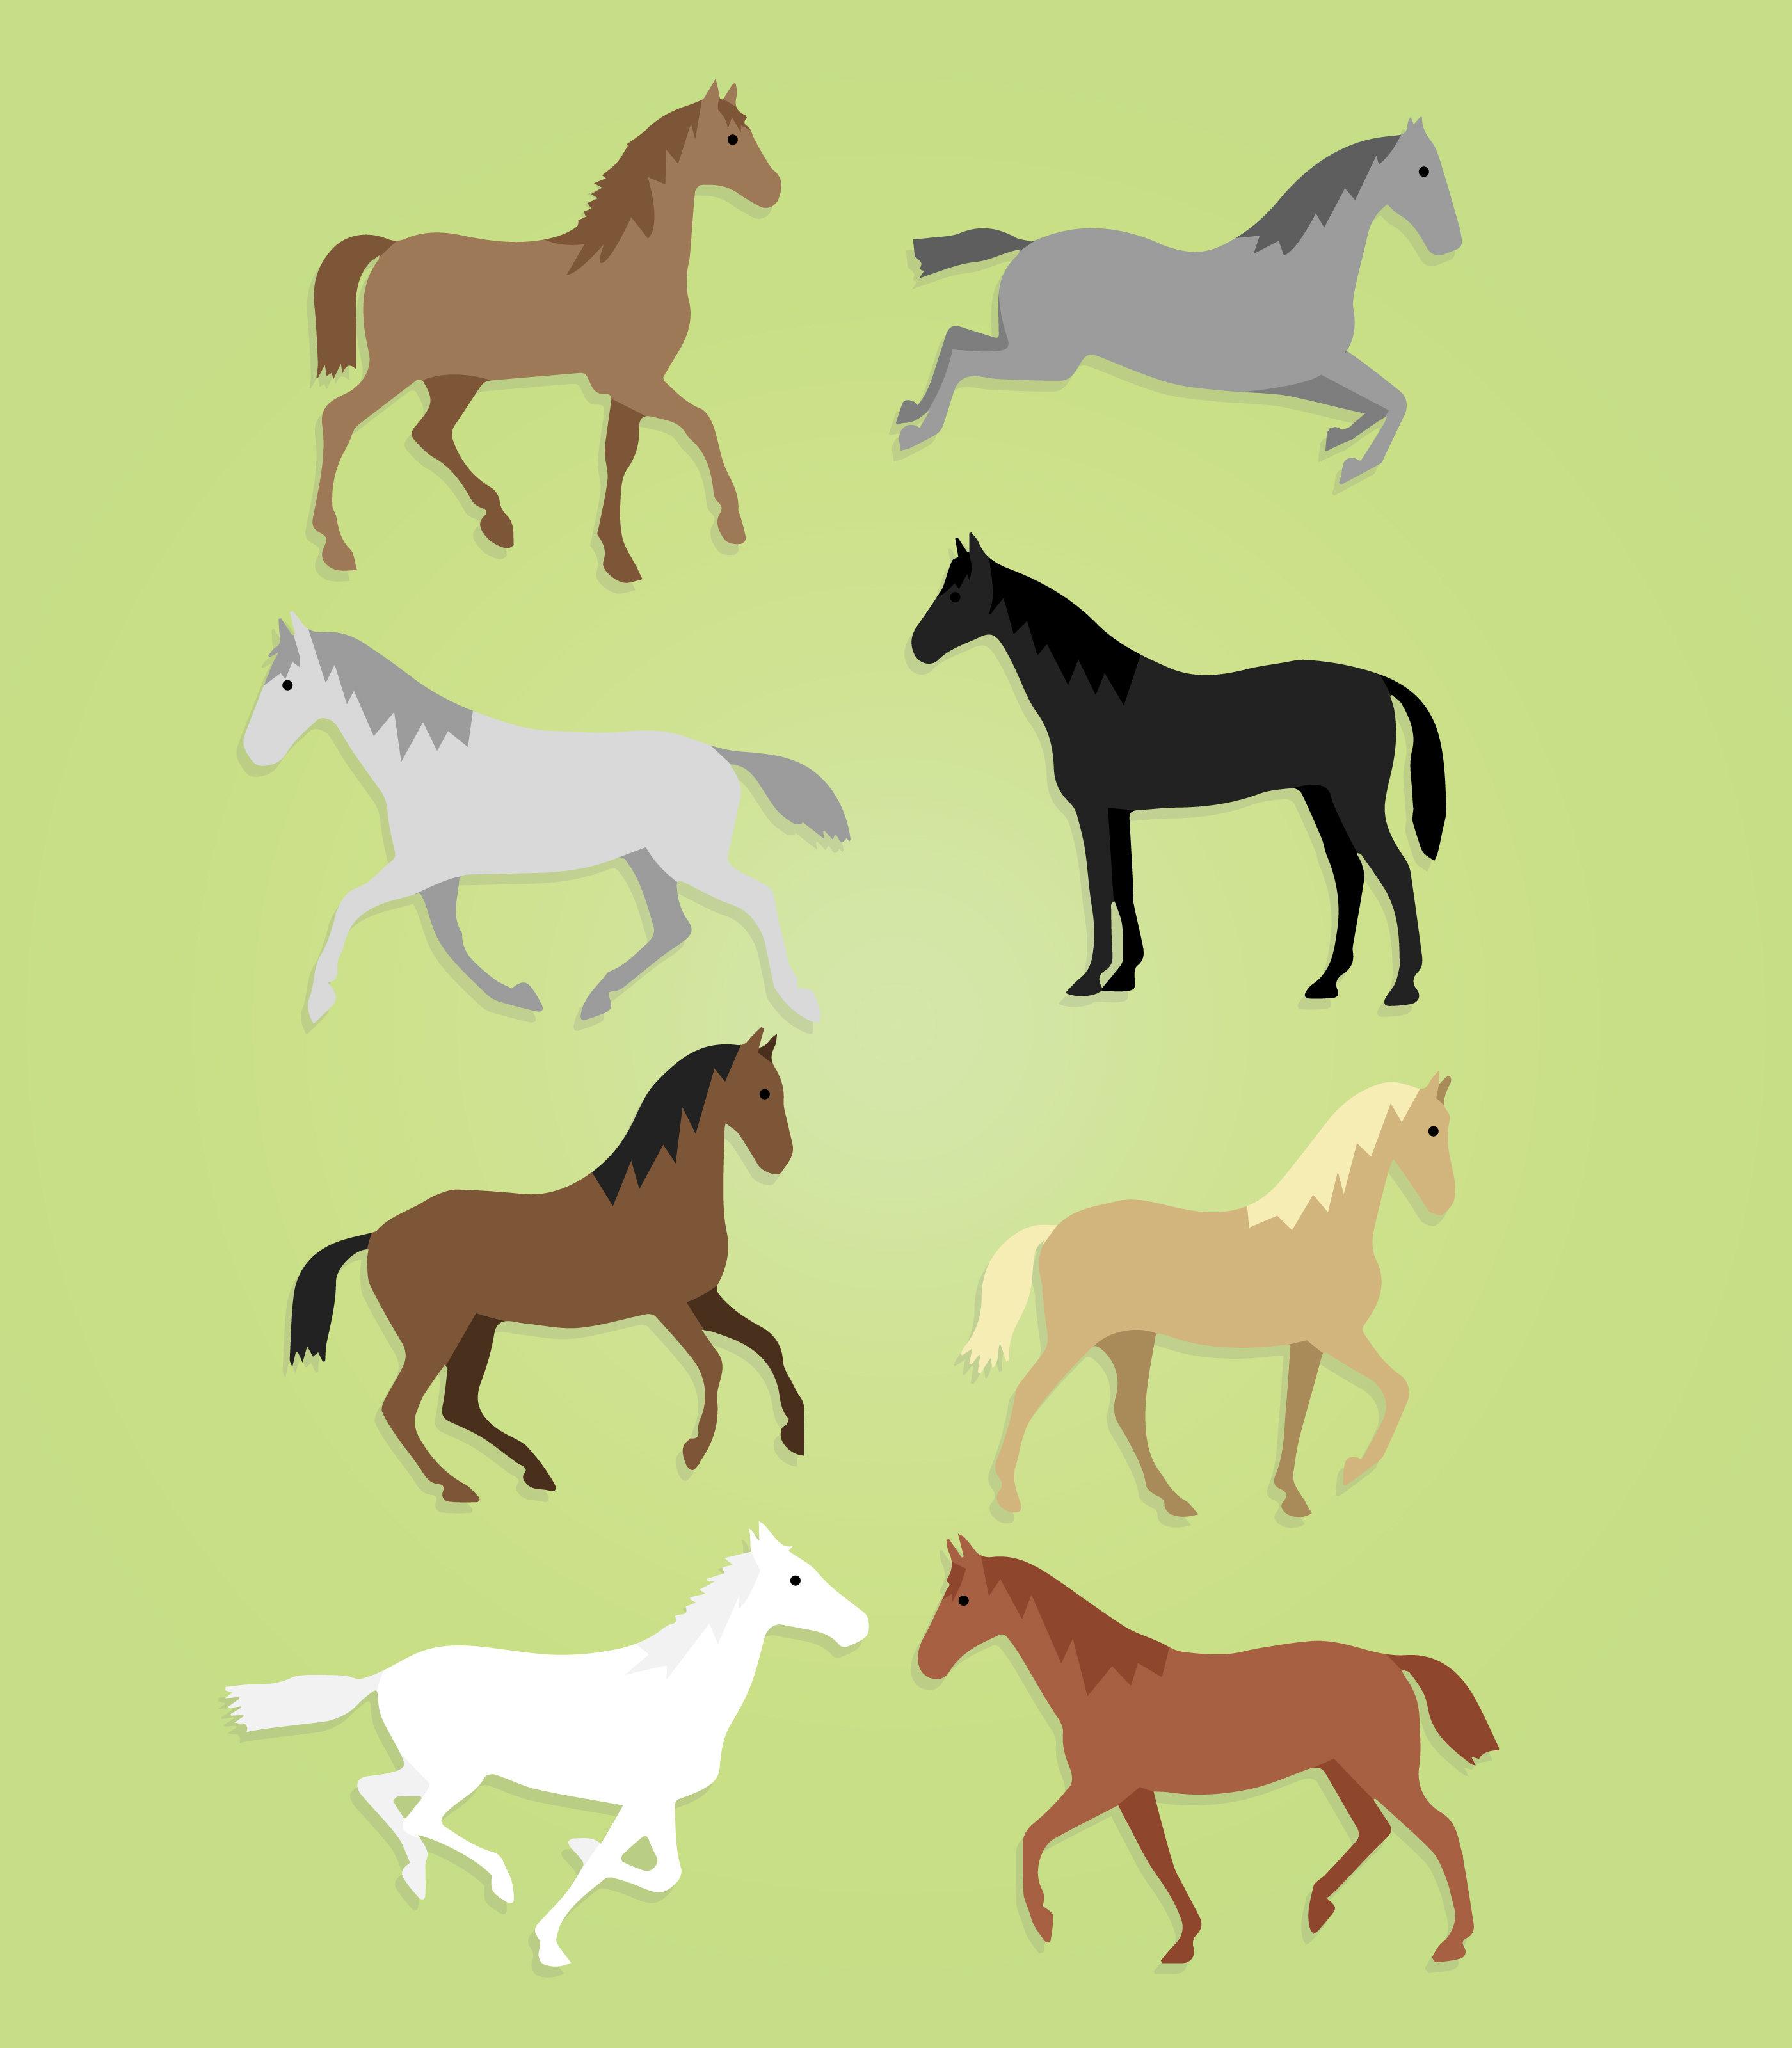 Running Horses Vector Download Free Vector Art Stock Graphics